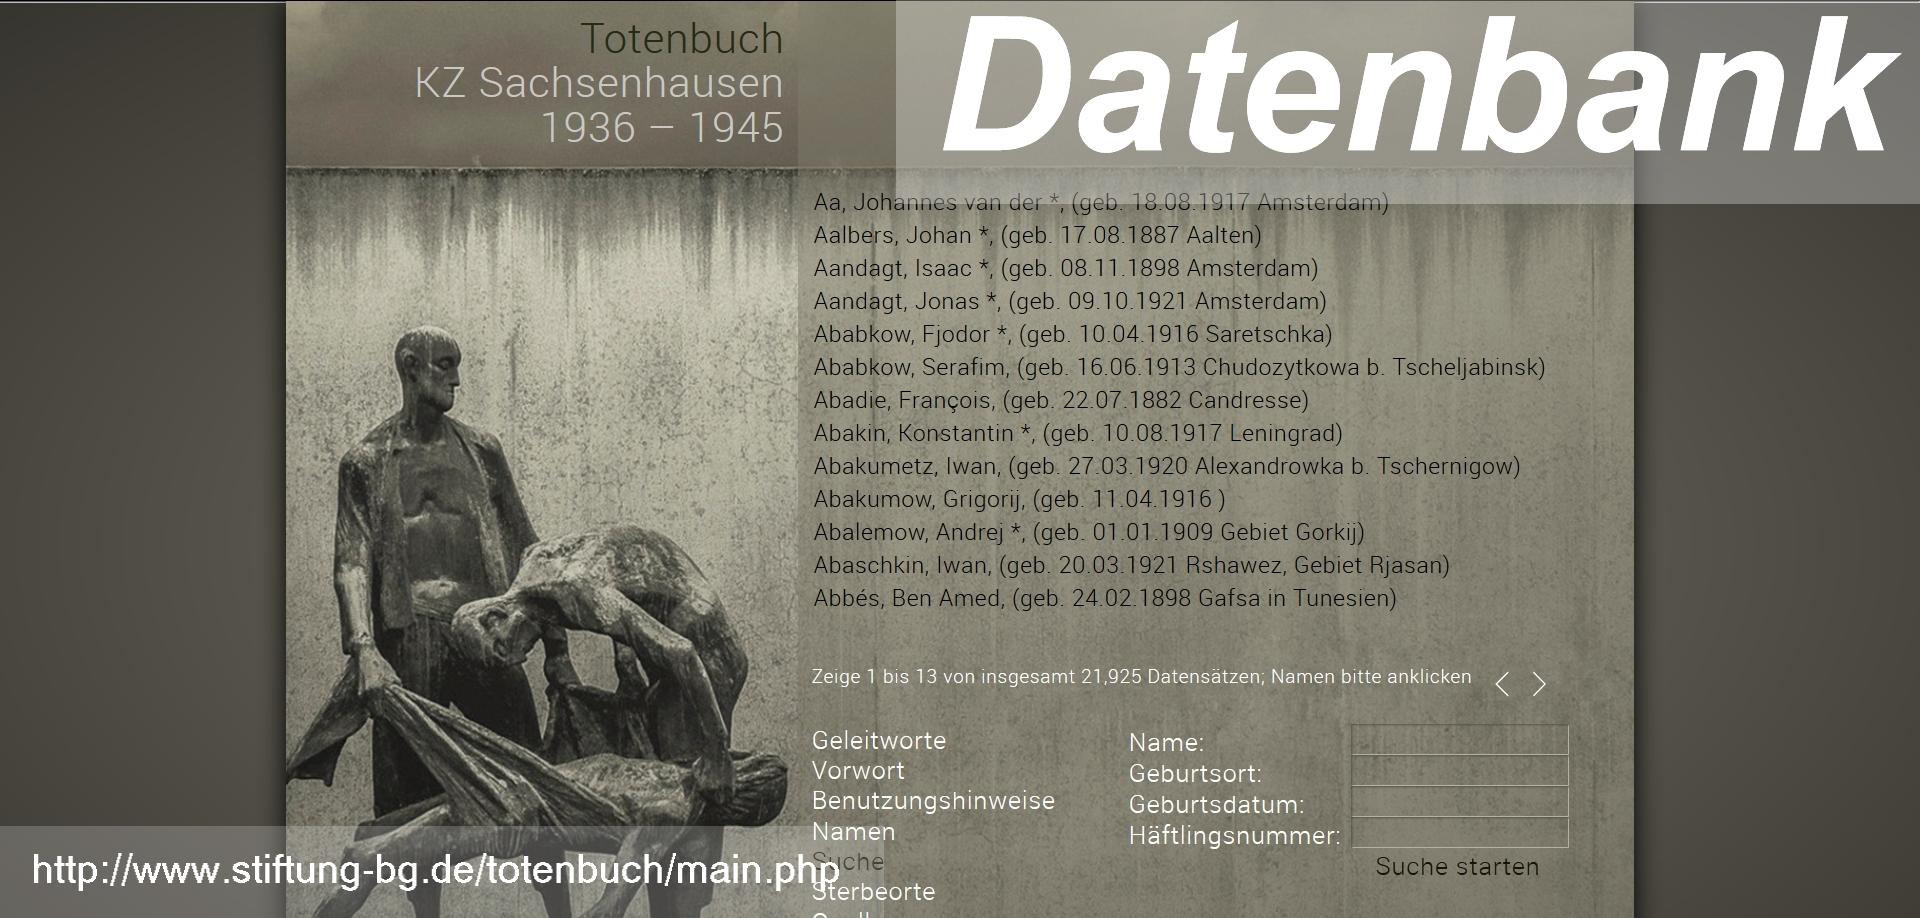 Totenbuch KZ Sachsenhausen 1936 1945 genealogie.digital 1 - Stiftung Brandenburgische Gedenkstätten, Roger Bordage, Pierre Gouffault, Opfer des Nationalsozialismus, Nationalsozialistische Deutsche Arbeiterpartei, Konzentrationslager, Gedenkstätte und Museum Sachsenhausen